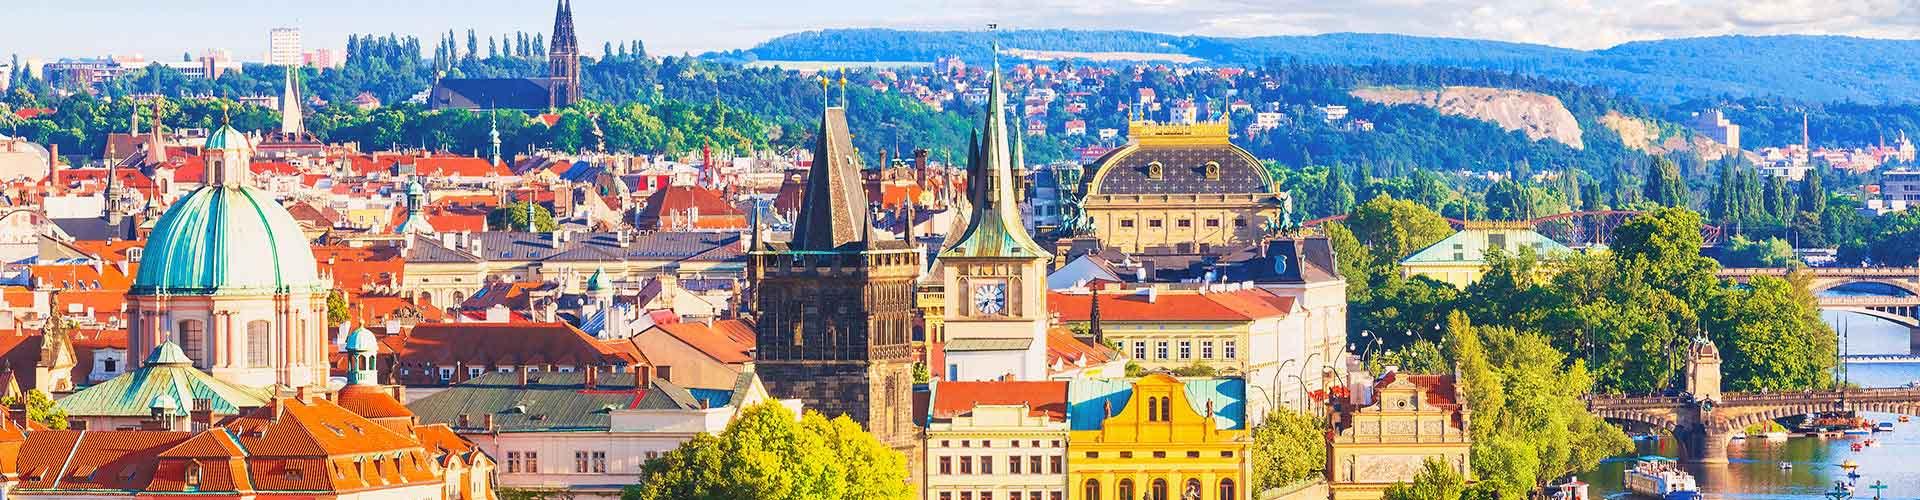 Praga – Campeggi nella zona Liben. Mappe per Praga, Foto e  Recensioni per ogni Campeggio a Praga.